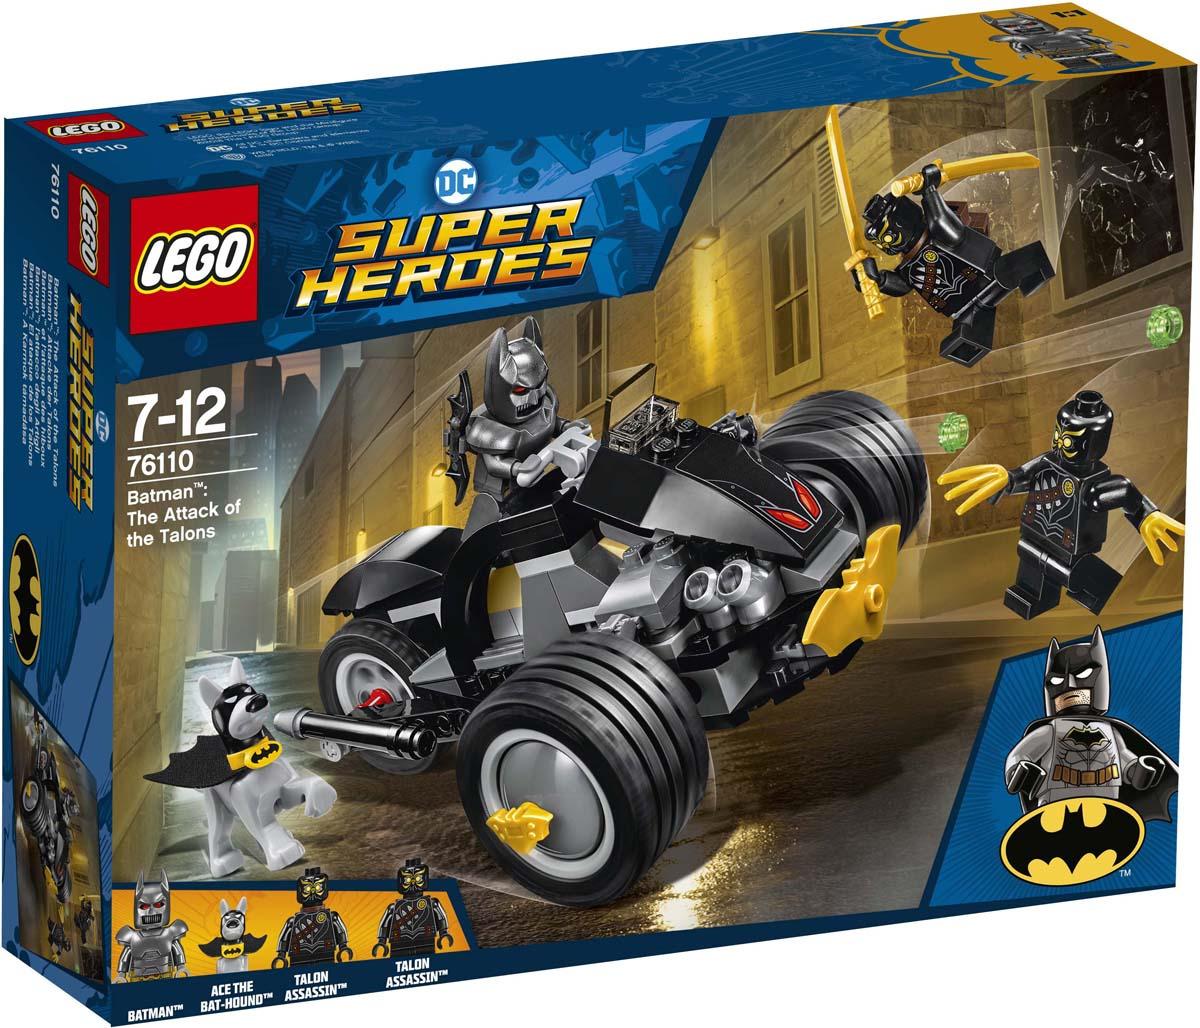 LEGO Super Heroes DC 76110 Бэтмен Нападение Когтей Конструктор фонарь lego dc super heroes joker